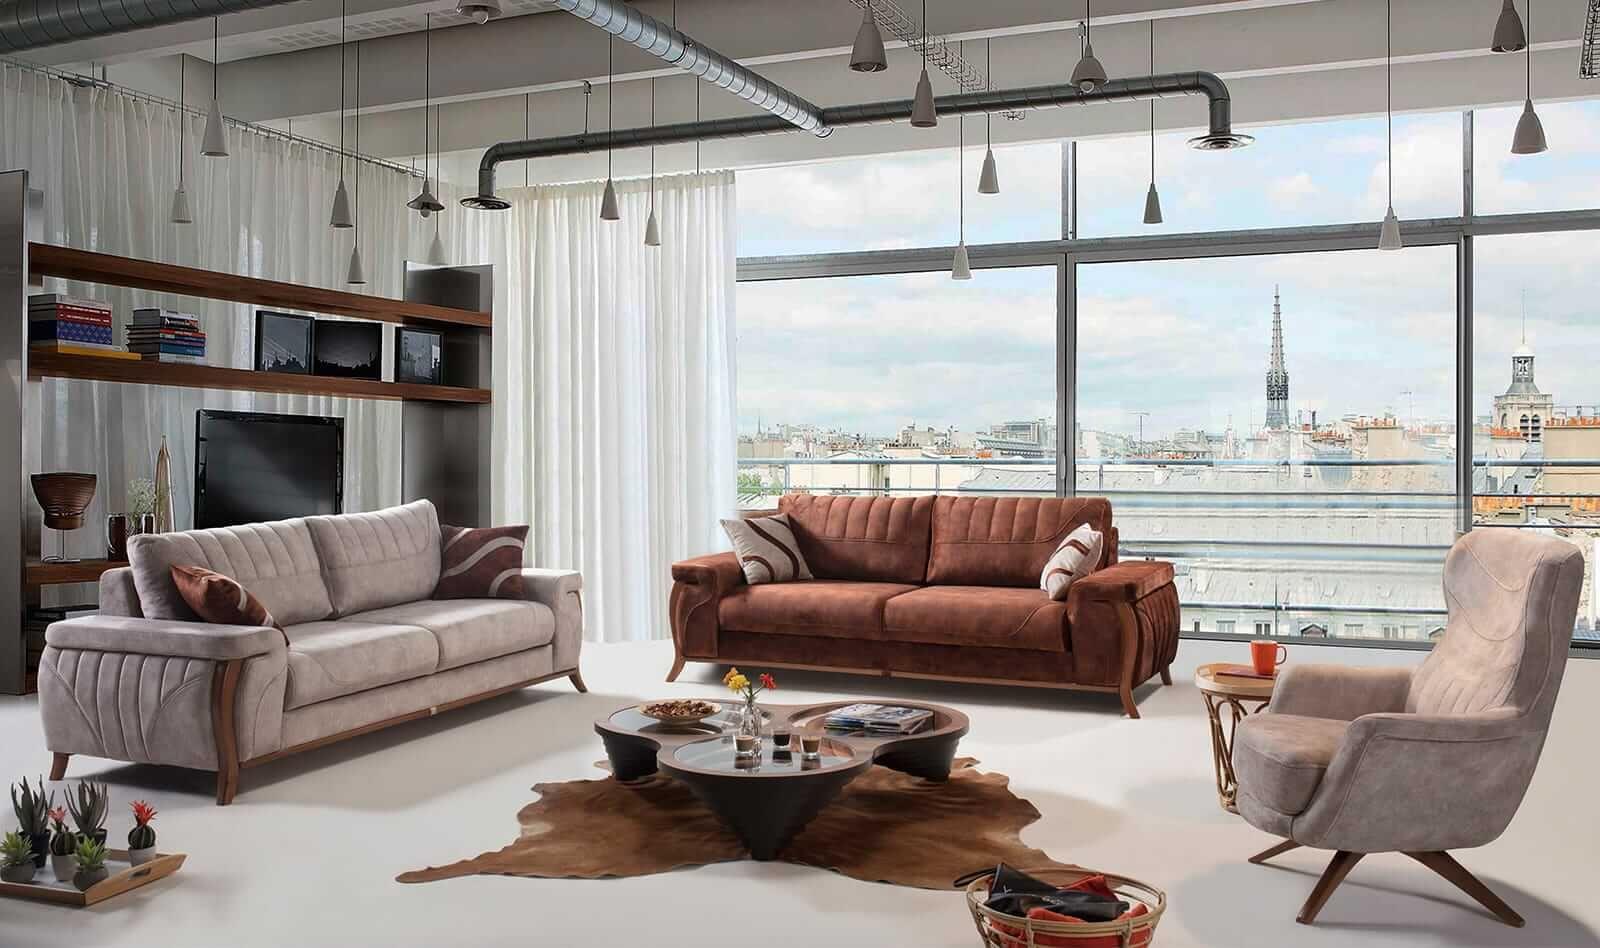 Ruya Koltuk Takimi 01 Mobilya Ev Dekorasyon Renkleri Oturma Odasi Fikirleri